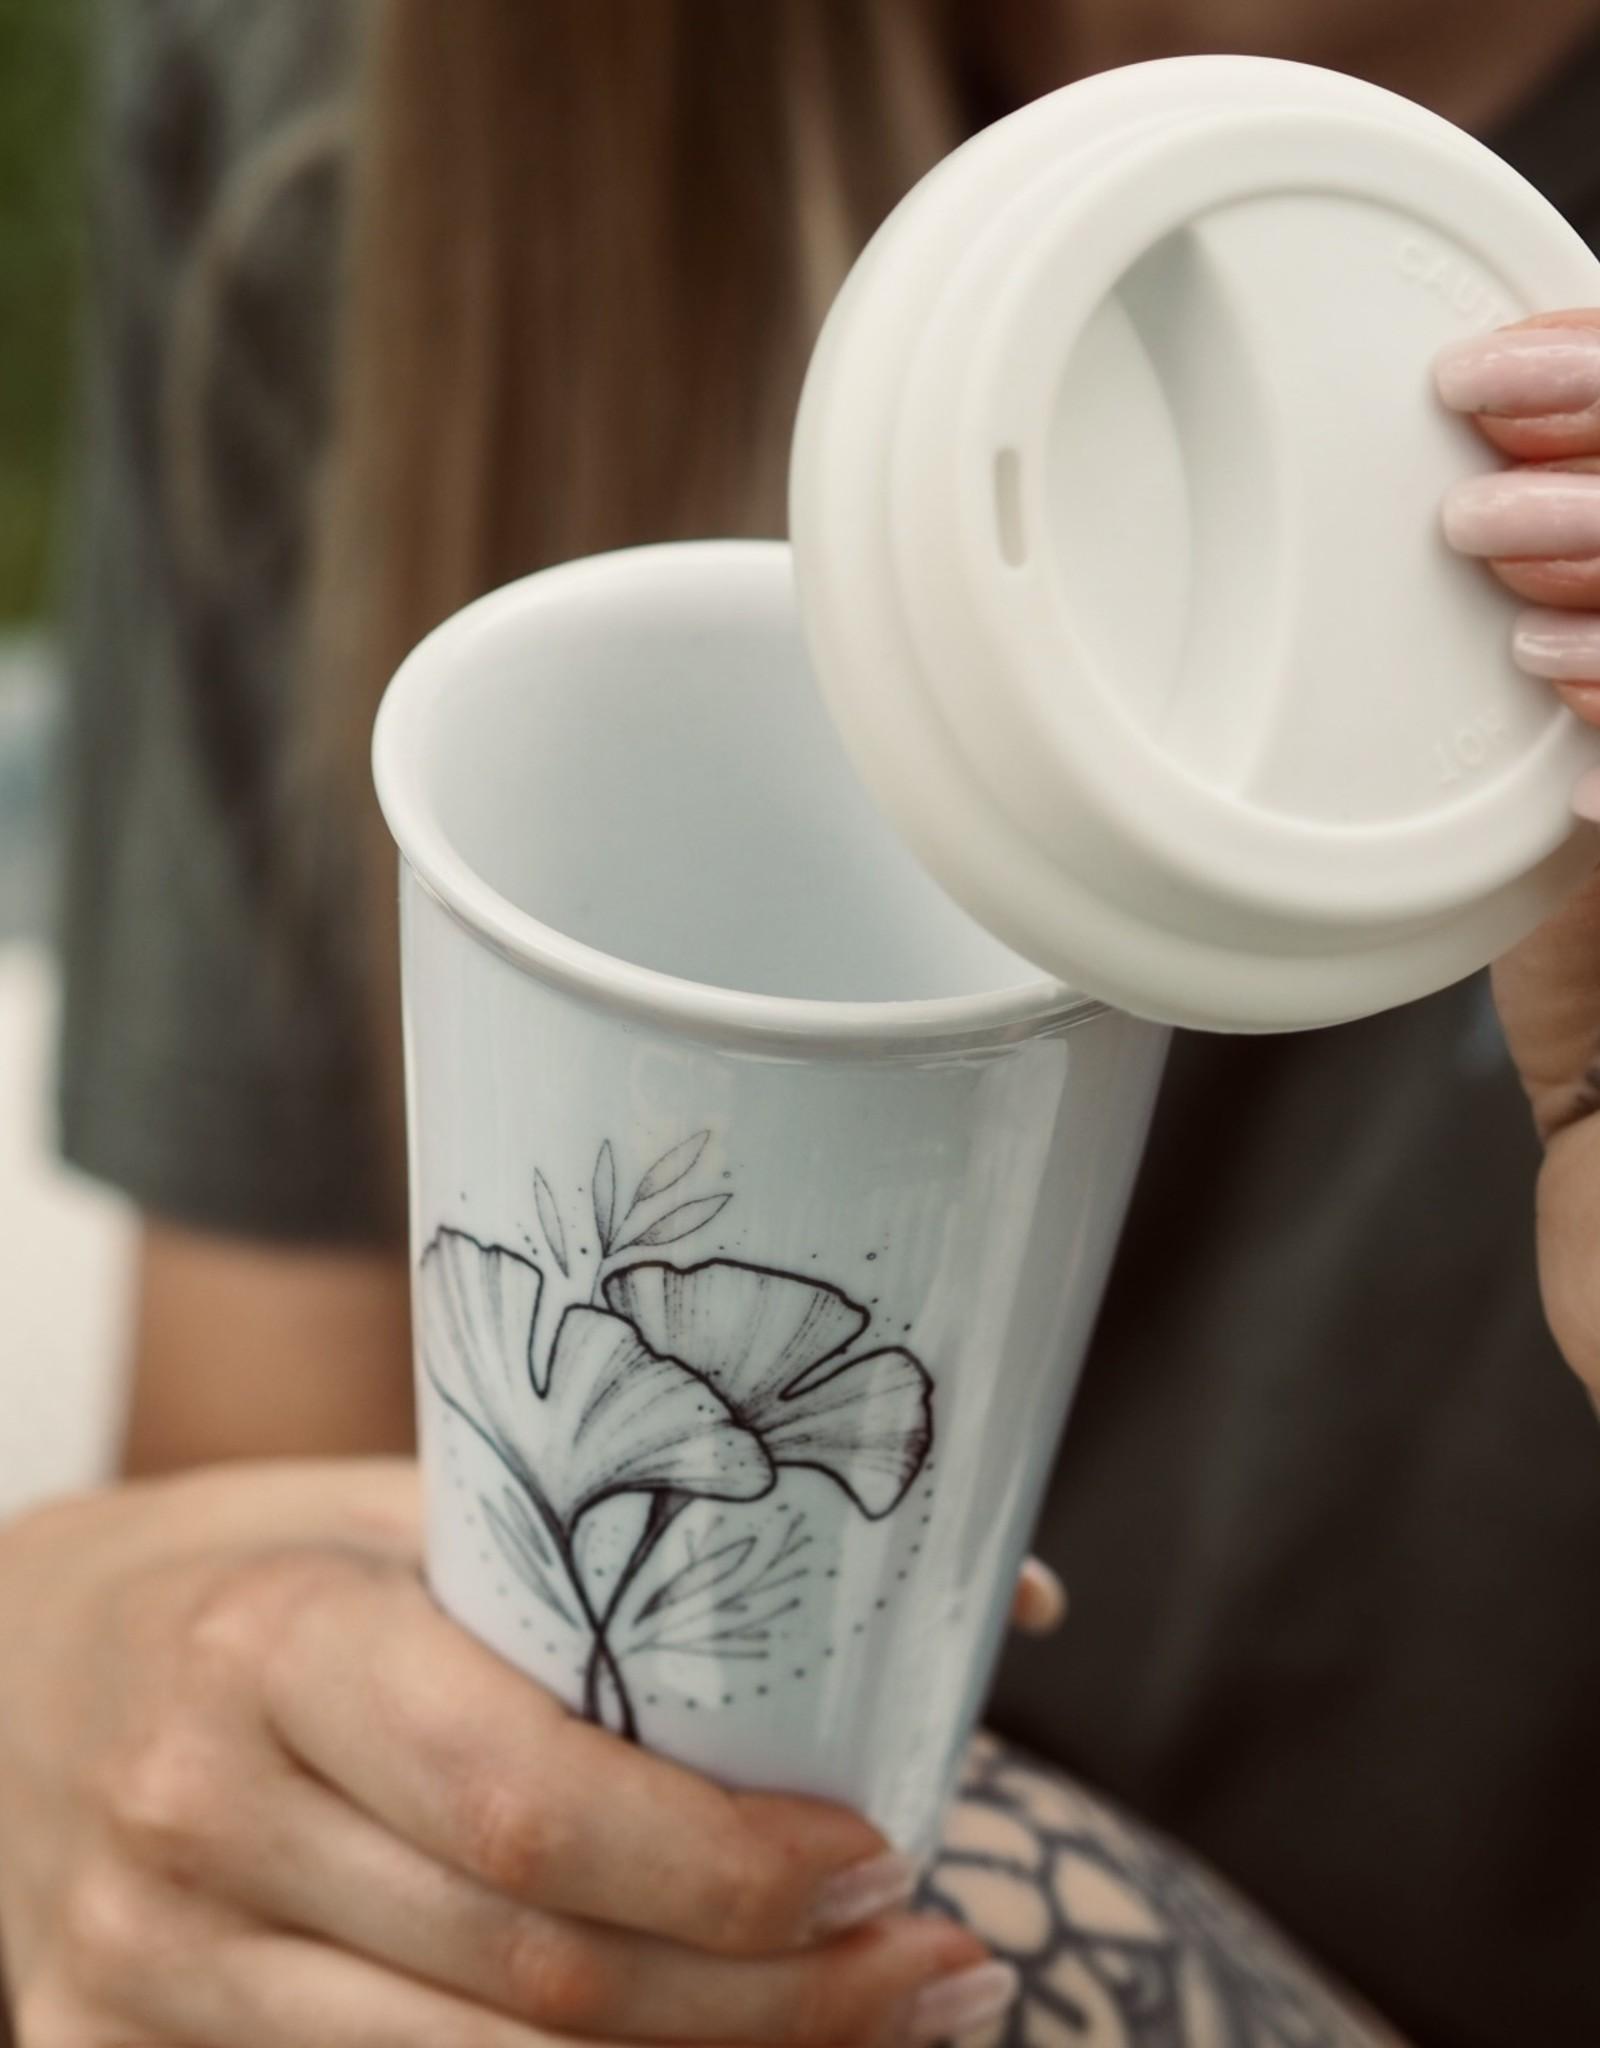 Ginkgo To-Go Porcellian Mug